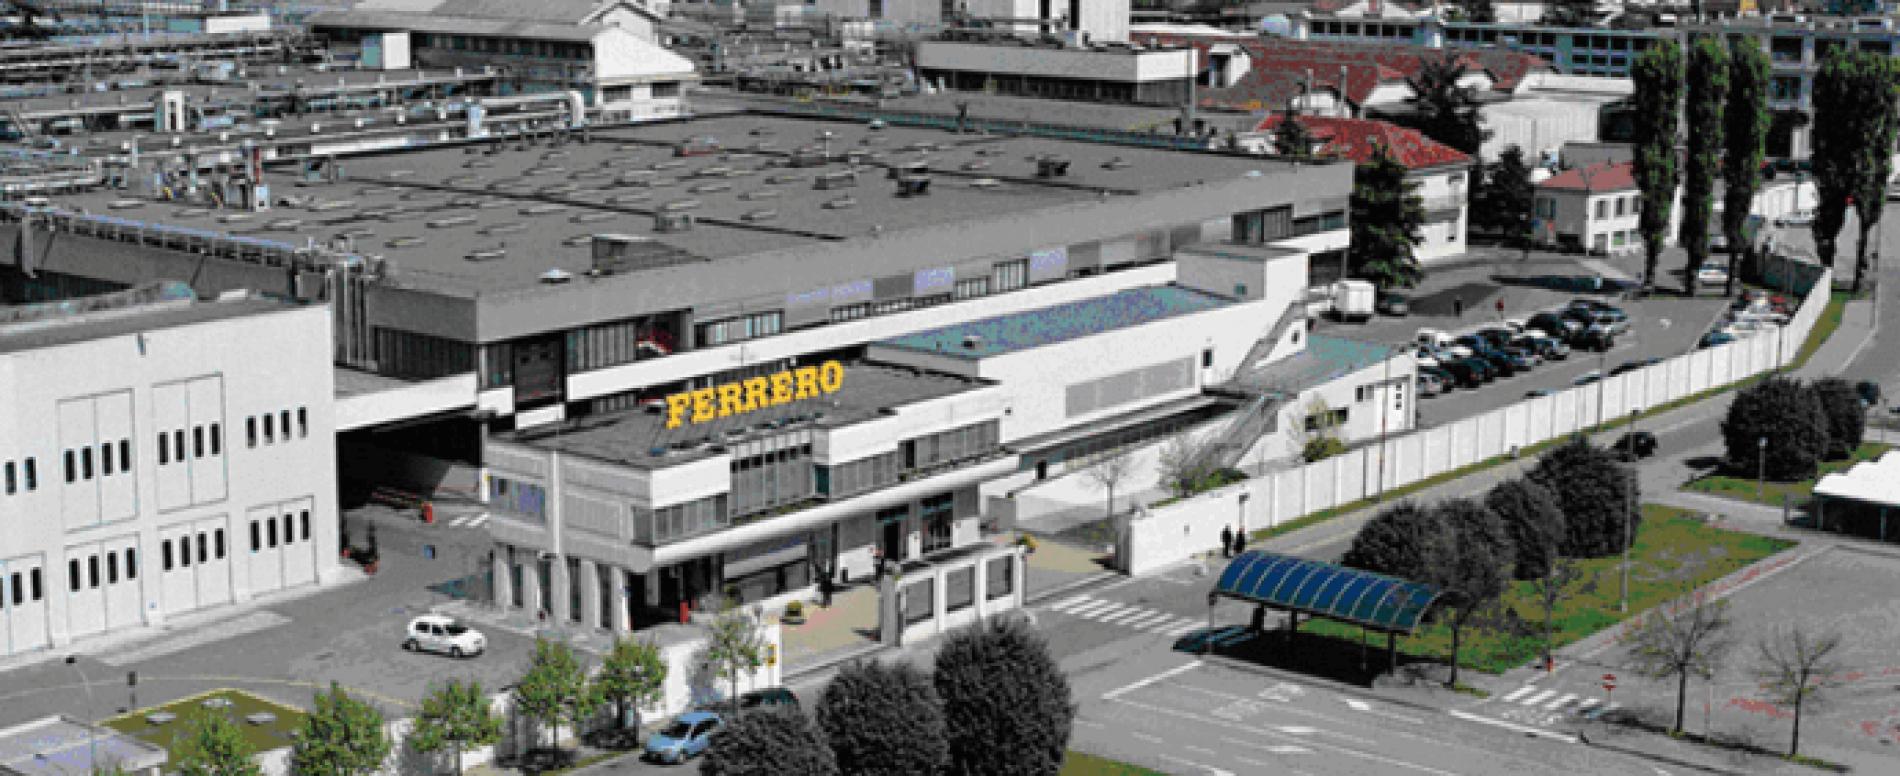 Ferrero. Importanti investimenti per lo stabilimento di Alba